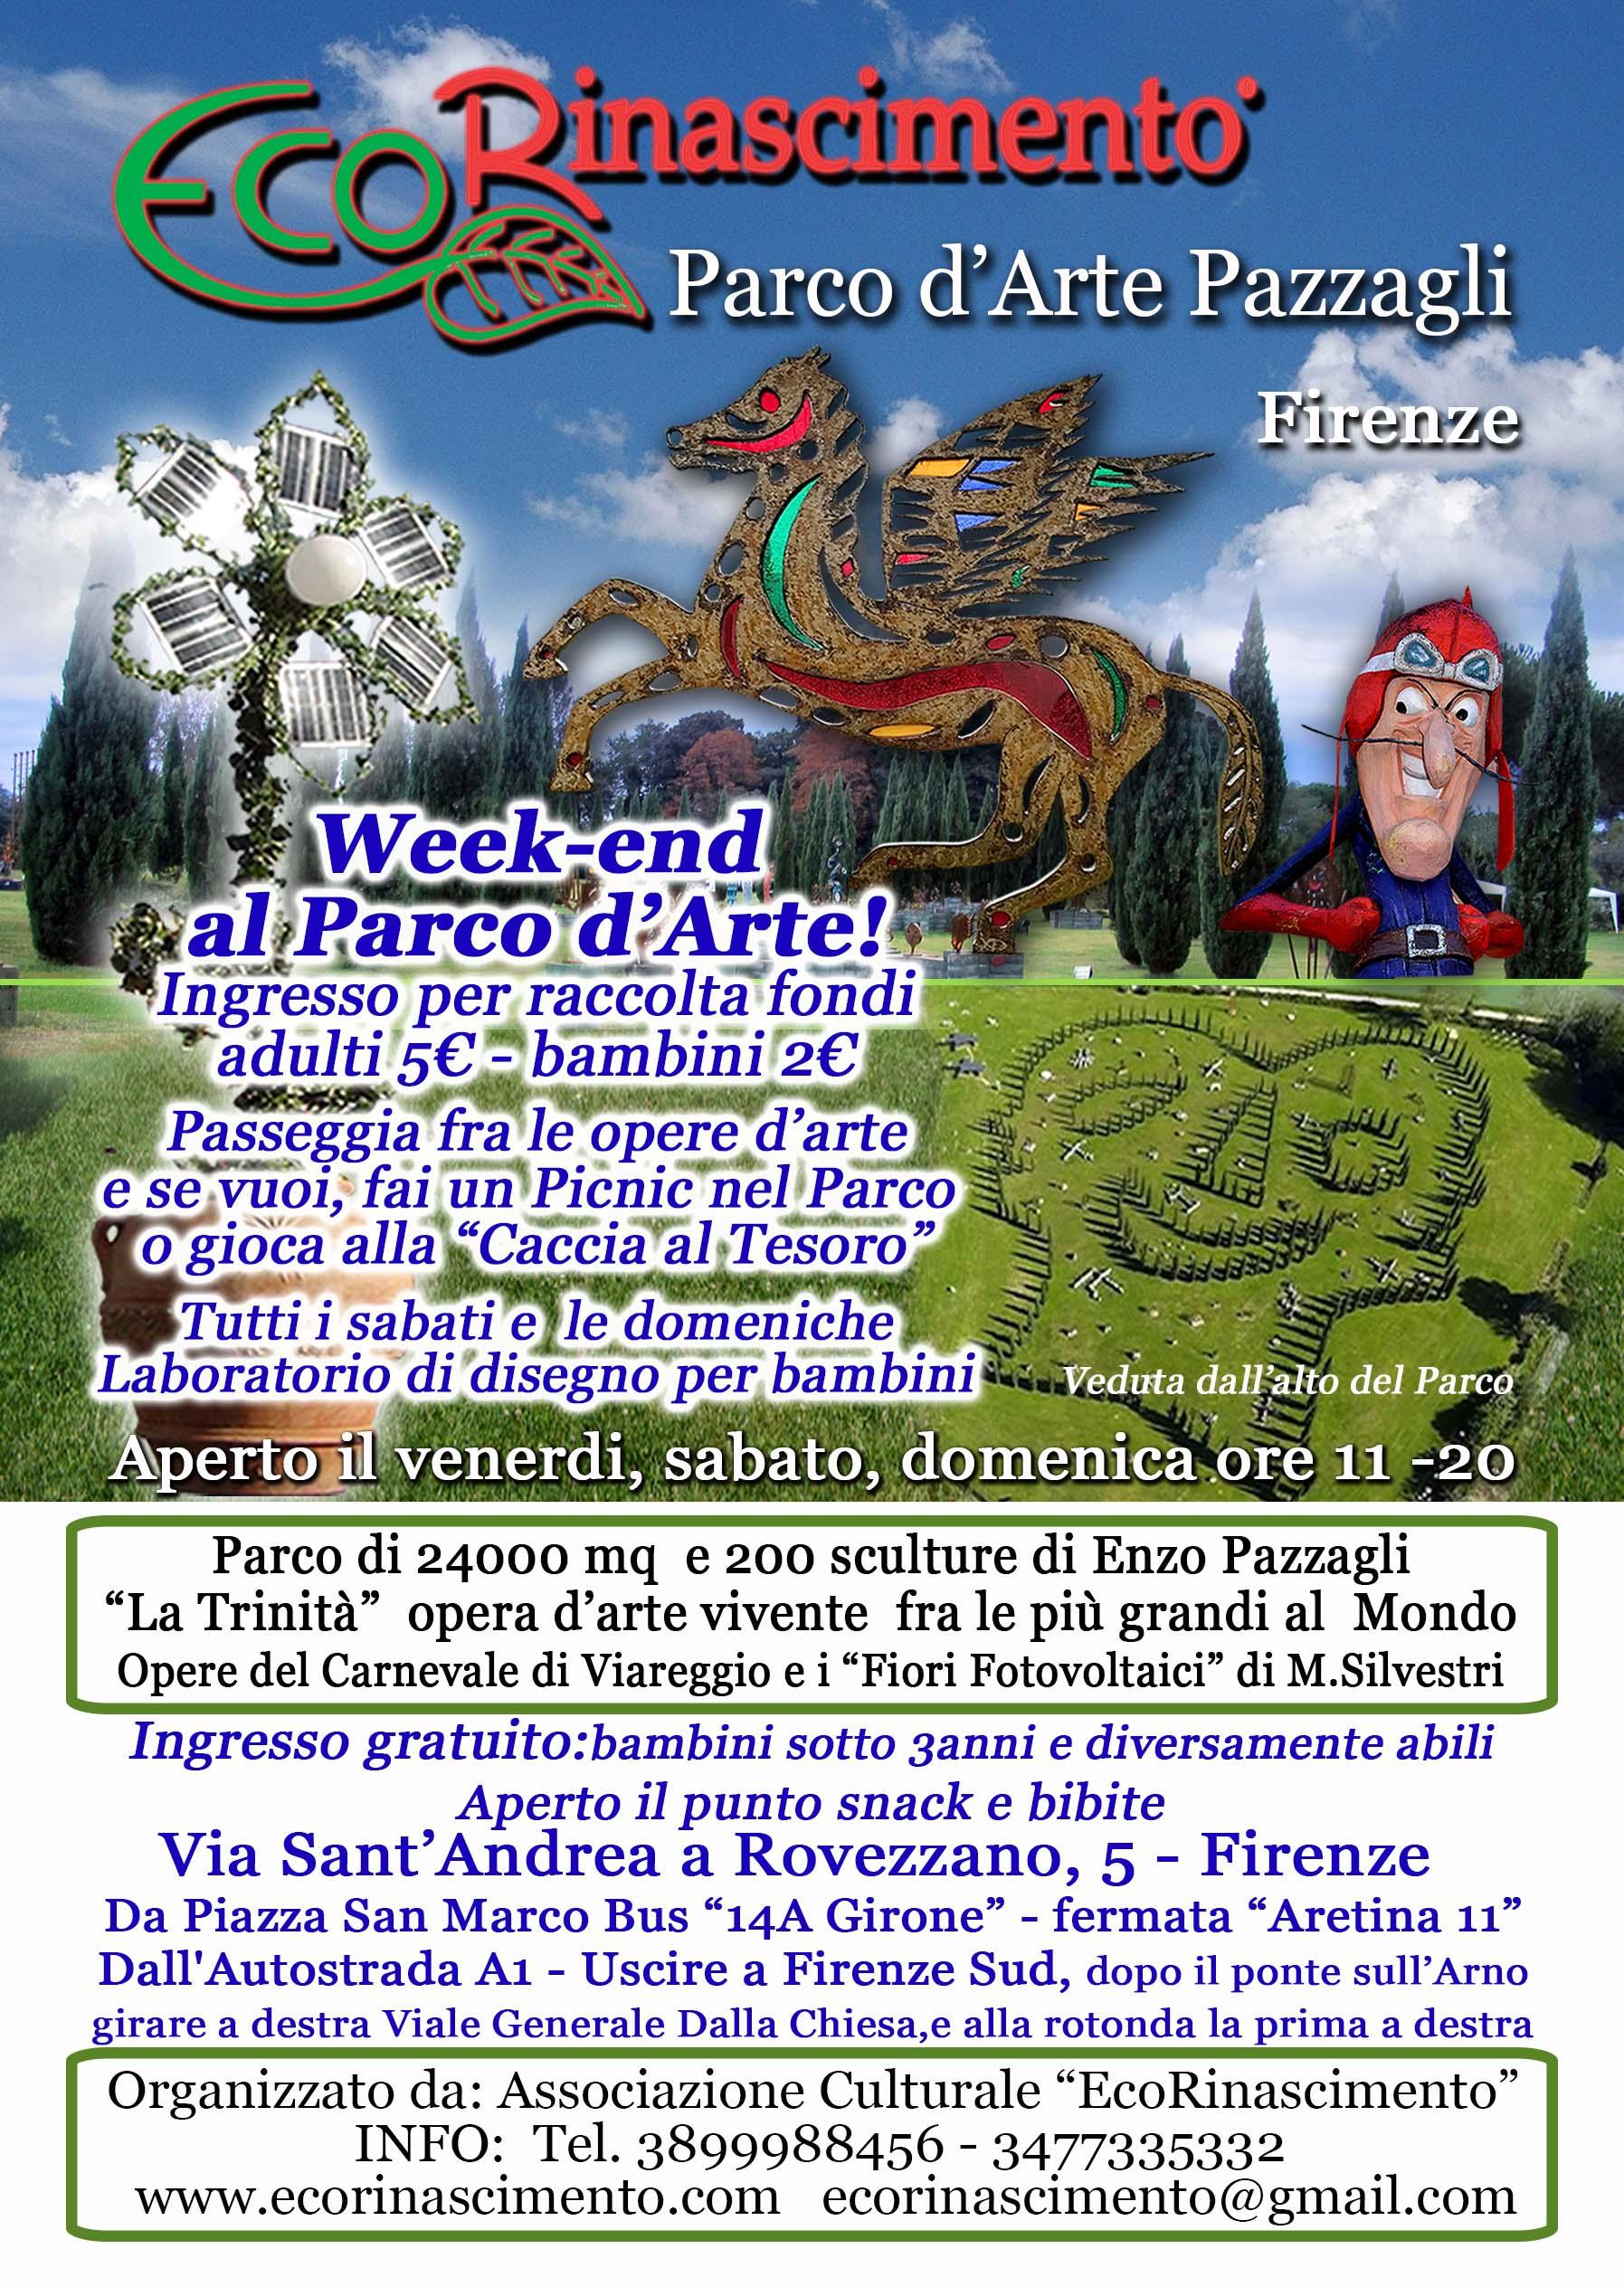 Ecorinascimento - Parco d'Arte Pazzagli